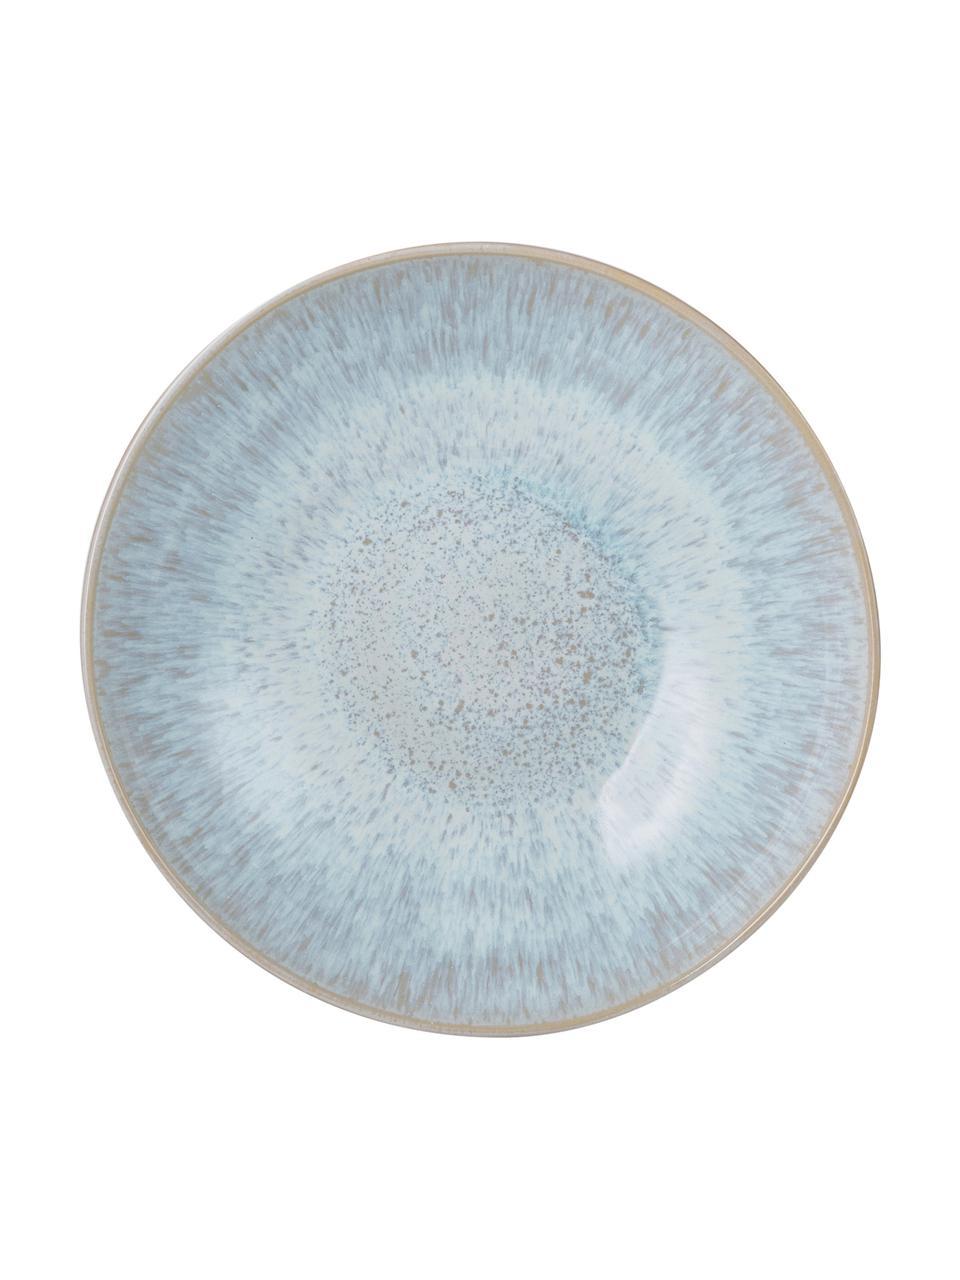 Ręcznie malowana misa do serwowania Areia, Kamionka, Jasny niebieski, złamana biel, jasny beżowy, Ø 22 x W 5 cm